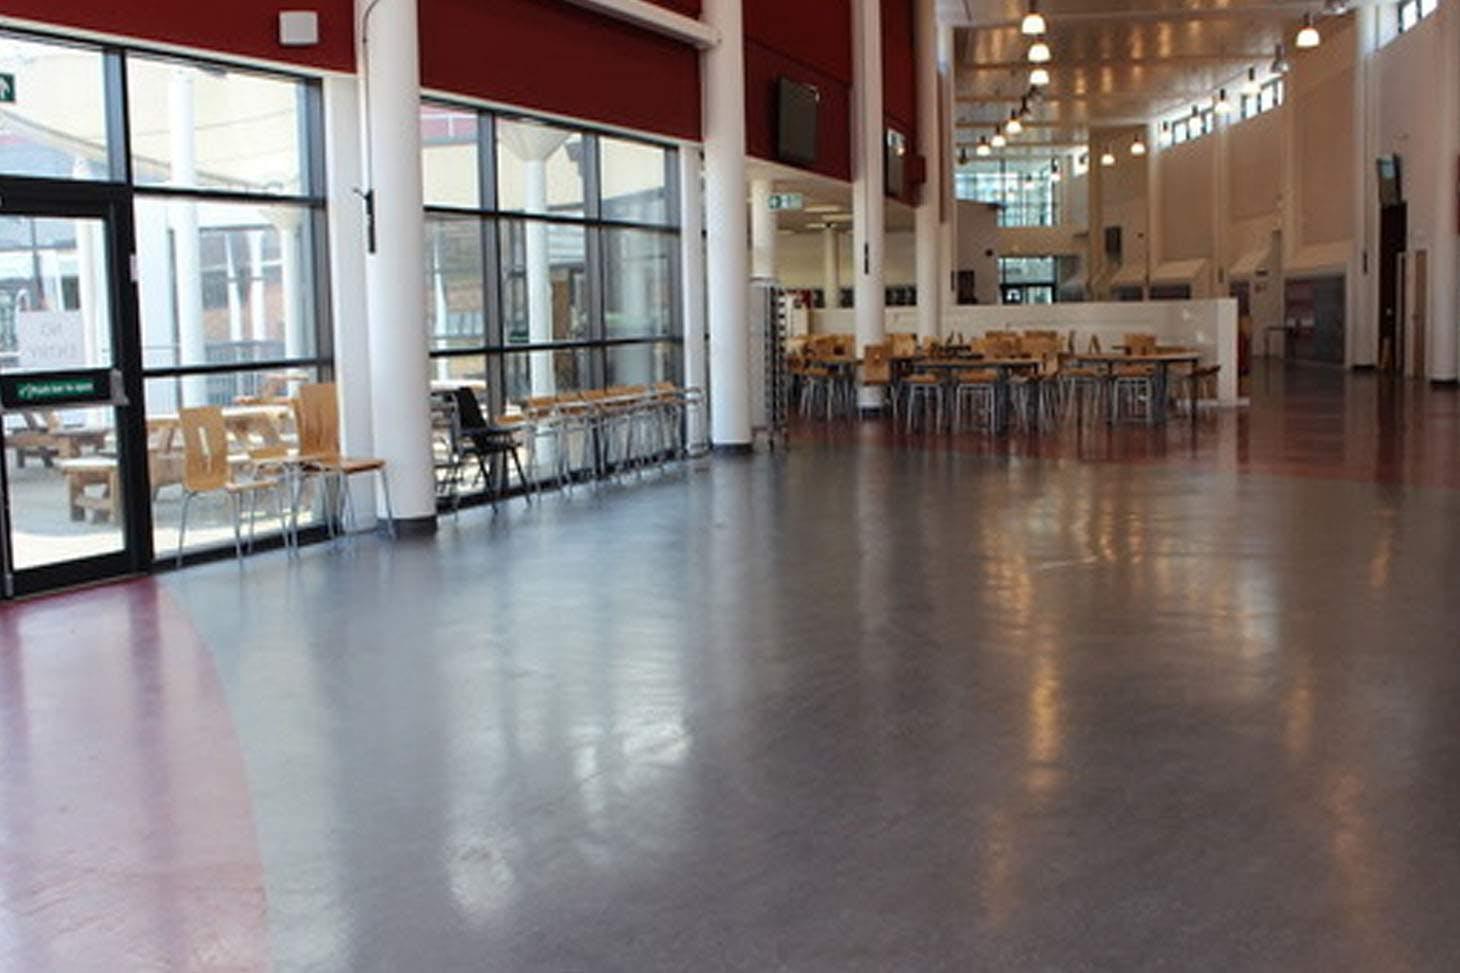 Heworth Grange Comprehensive School Function room space hire